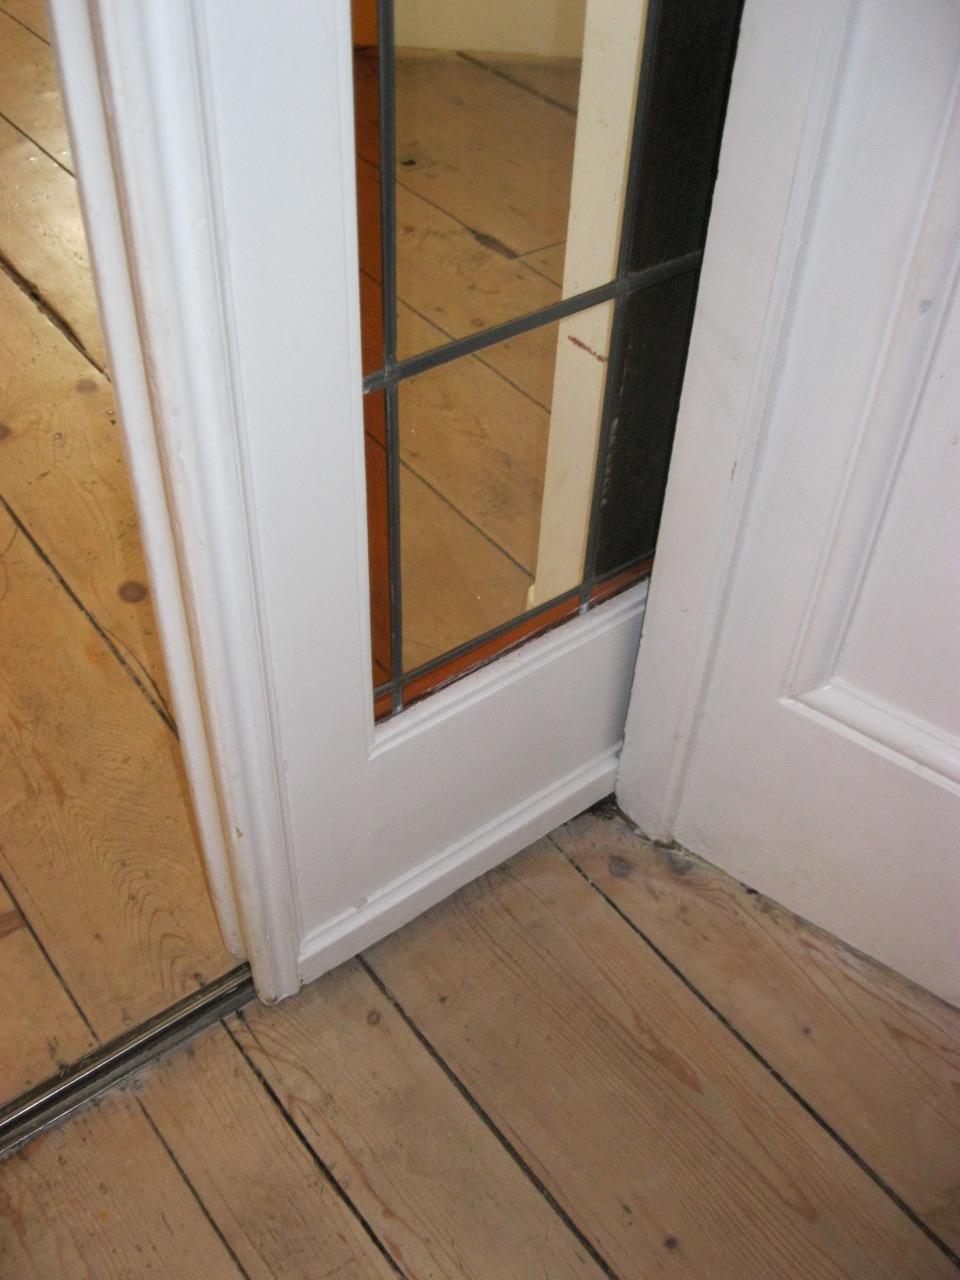 Kamer En Suite Rails.Mijn Kamer En Suite Renovatie Van Kamer En Suites